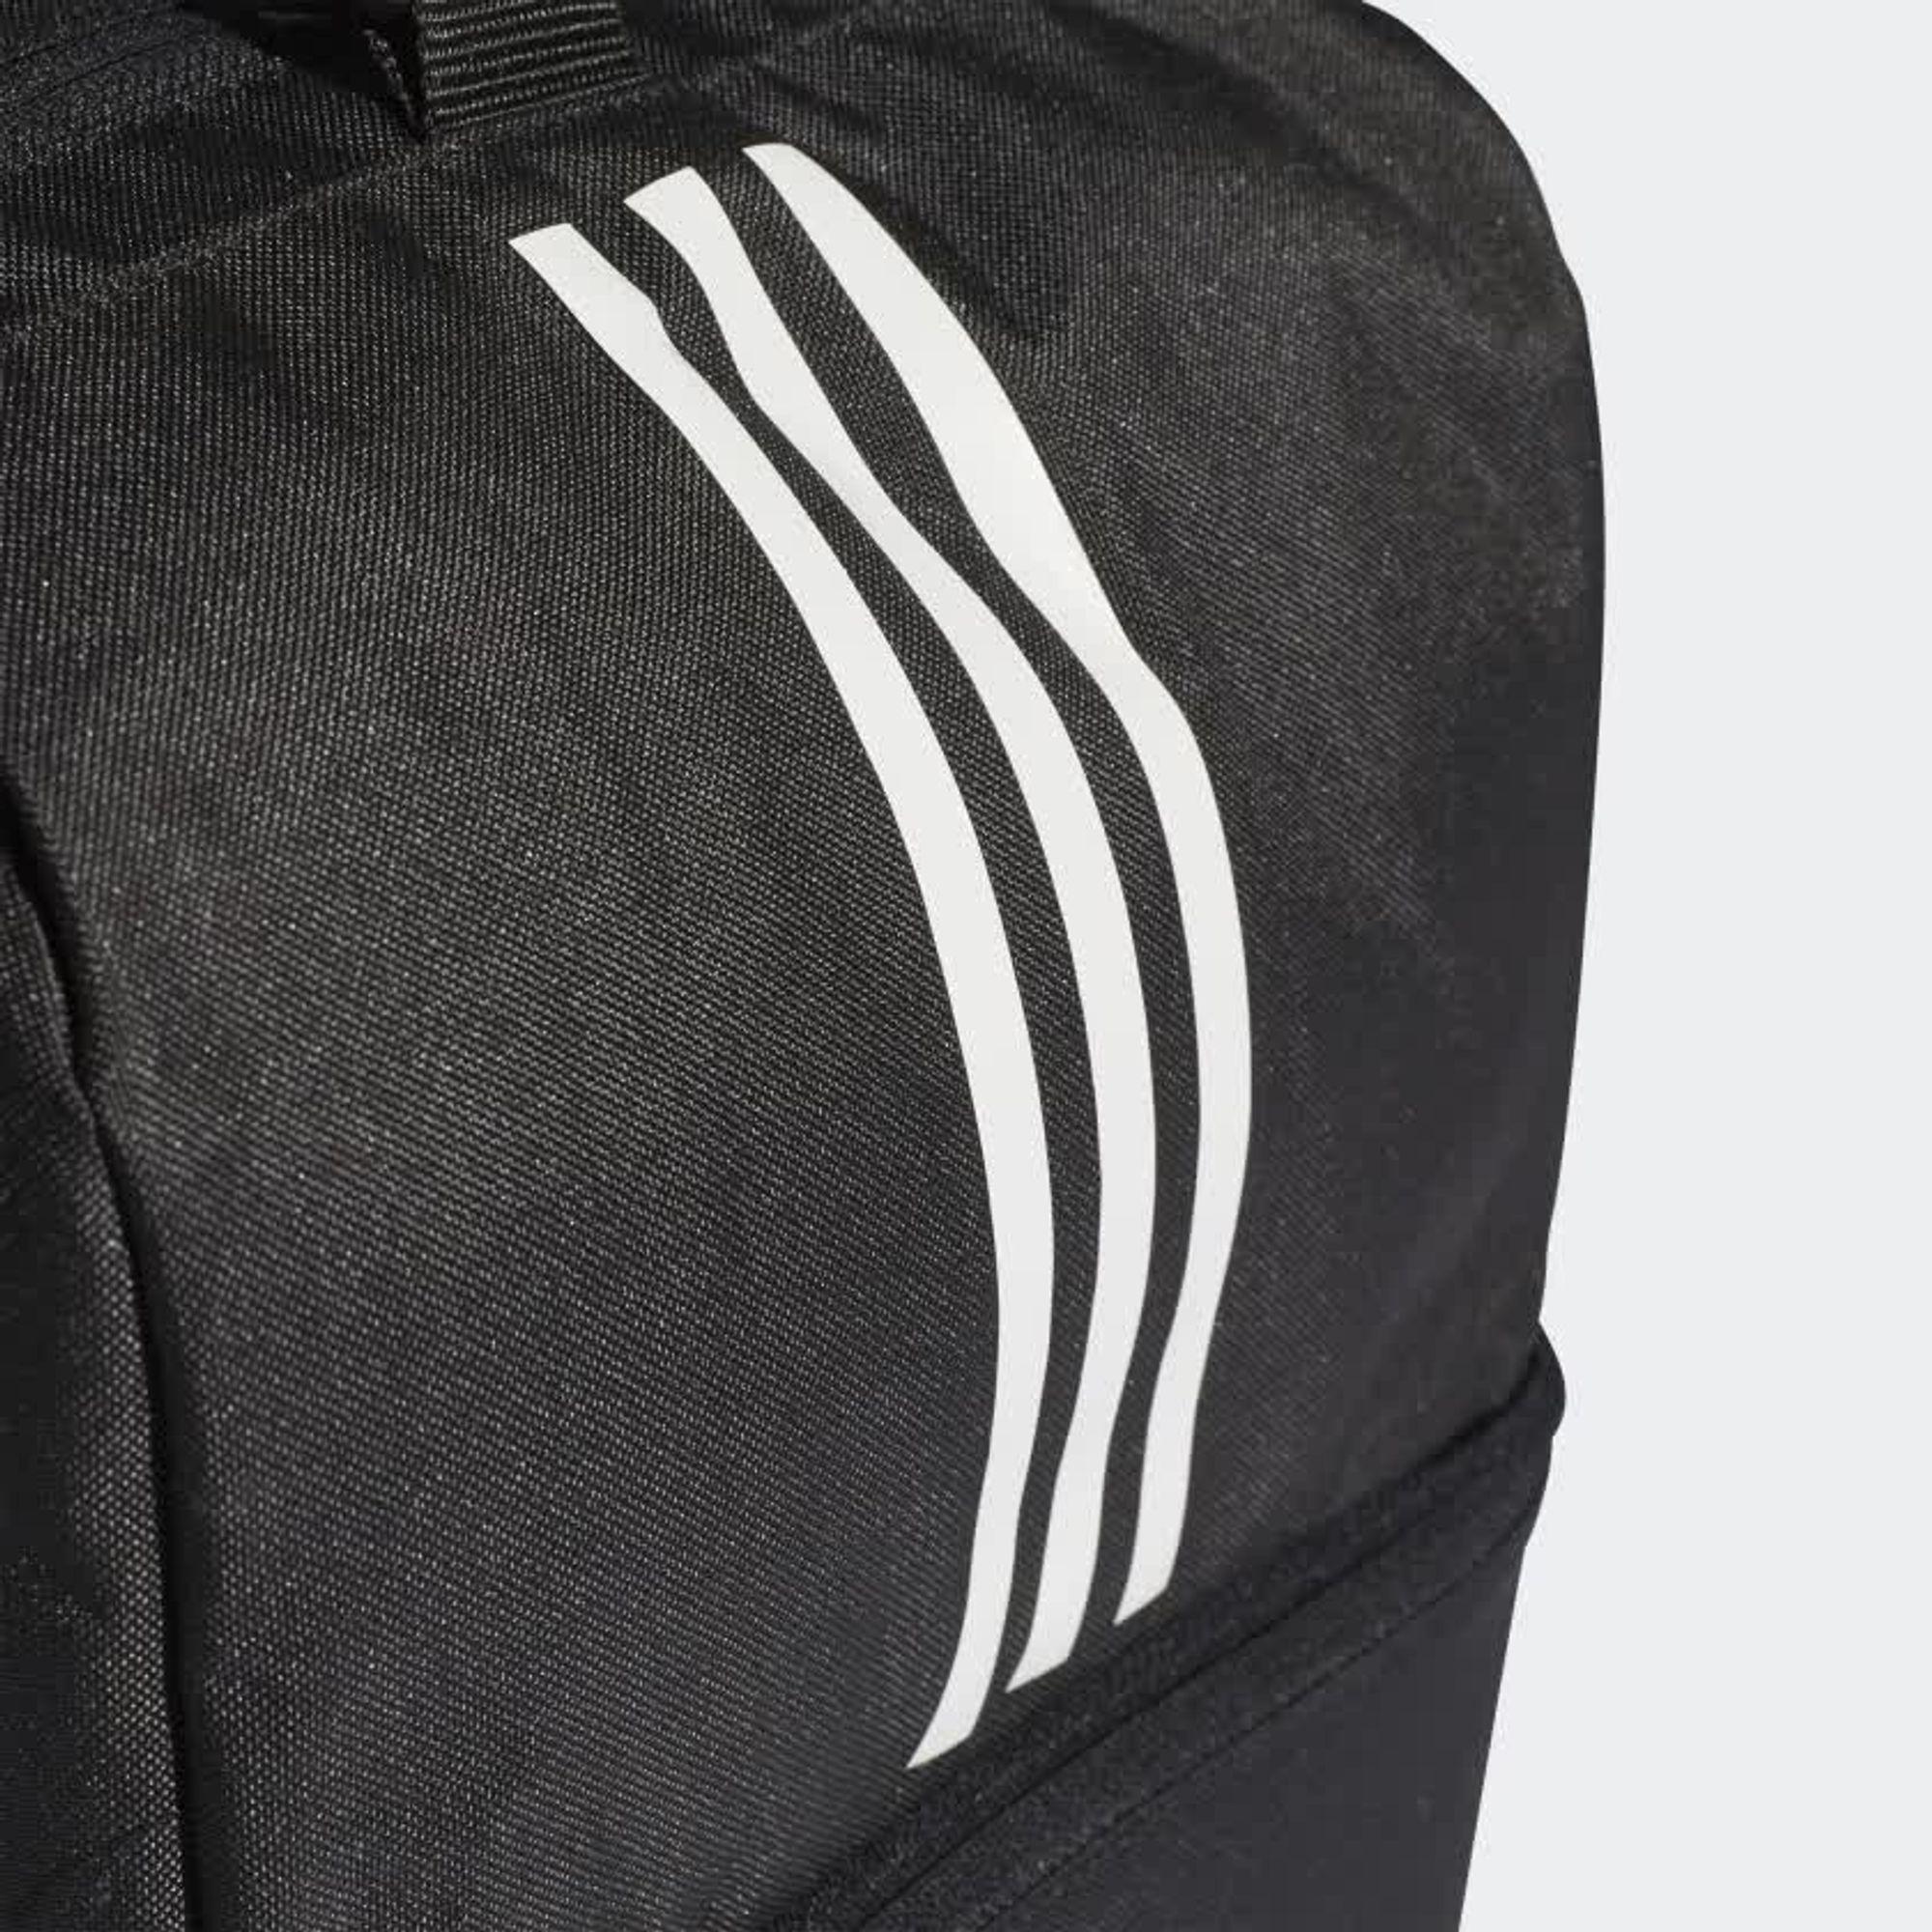 Adidas Pequeño Deportivo Tiro Bolso Redsport ybgYf76v